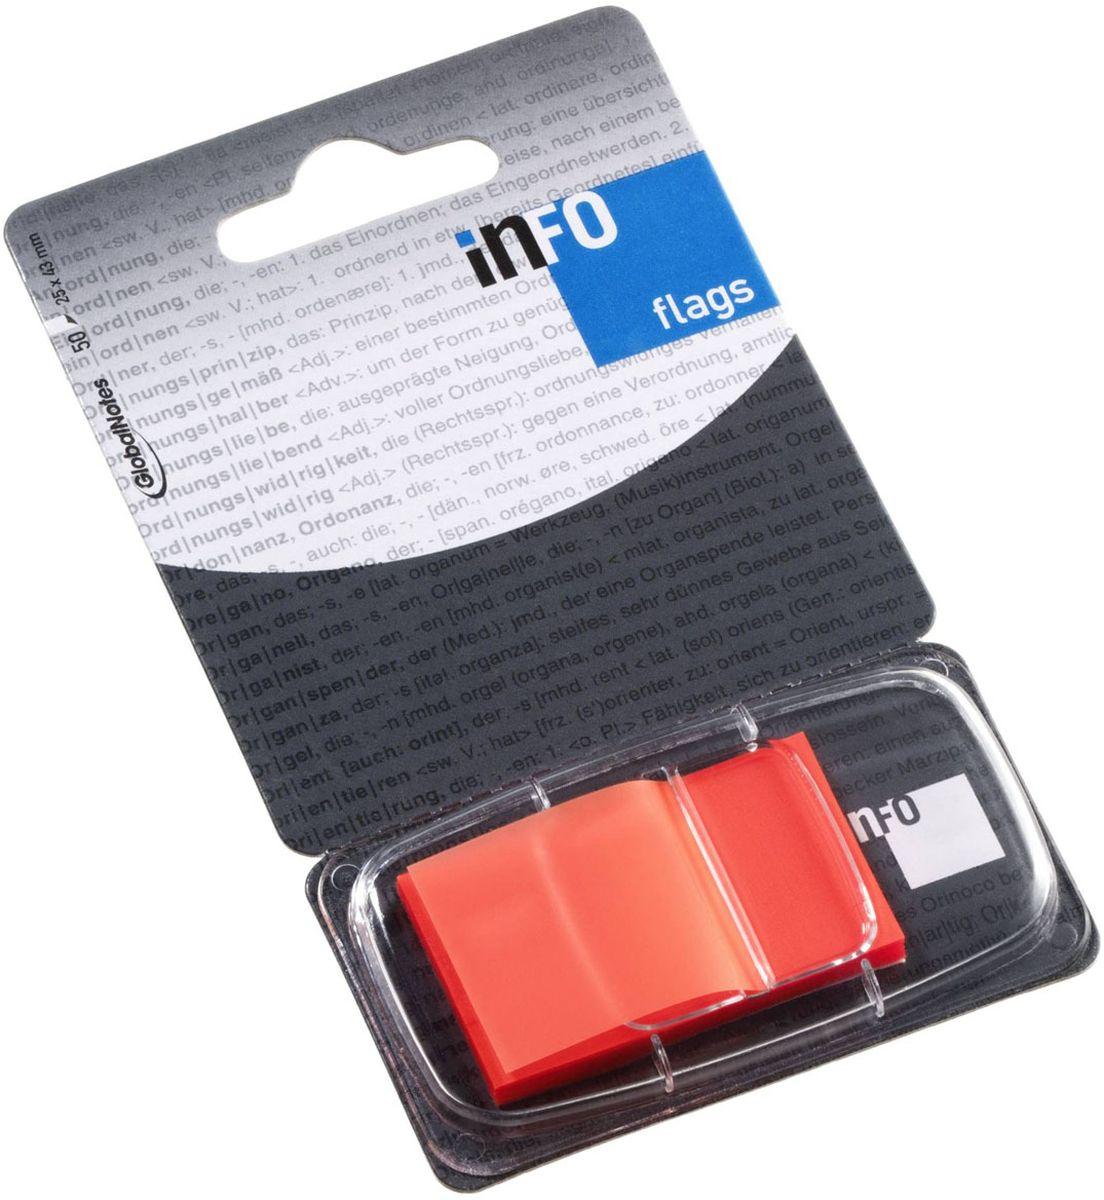 Global Notes Блок-закладка с липким слоем цвет оранжевый 50 листов165139Пластиковые закладки предназначены для наиболее эффективного выделения важной информации без повреждения книги или документа. Идеально подходят для быстрой и эффективной работы - просто выдели и найди. Закладки можно переклеивать несколько раз. Упакованы в компактный пластиковый диспенсер с европодвесом по 50 штук. Размер 25х43 мм. Цвет - оранжевый